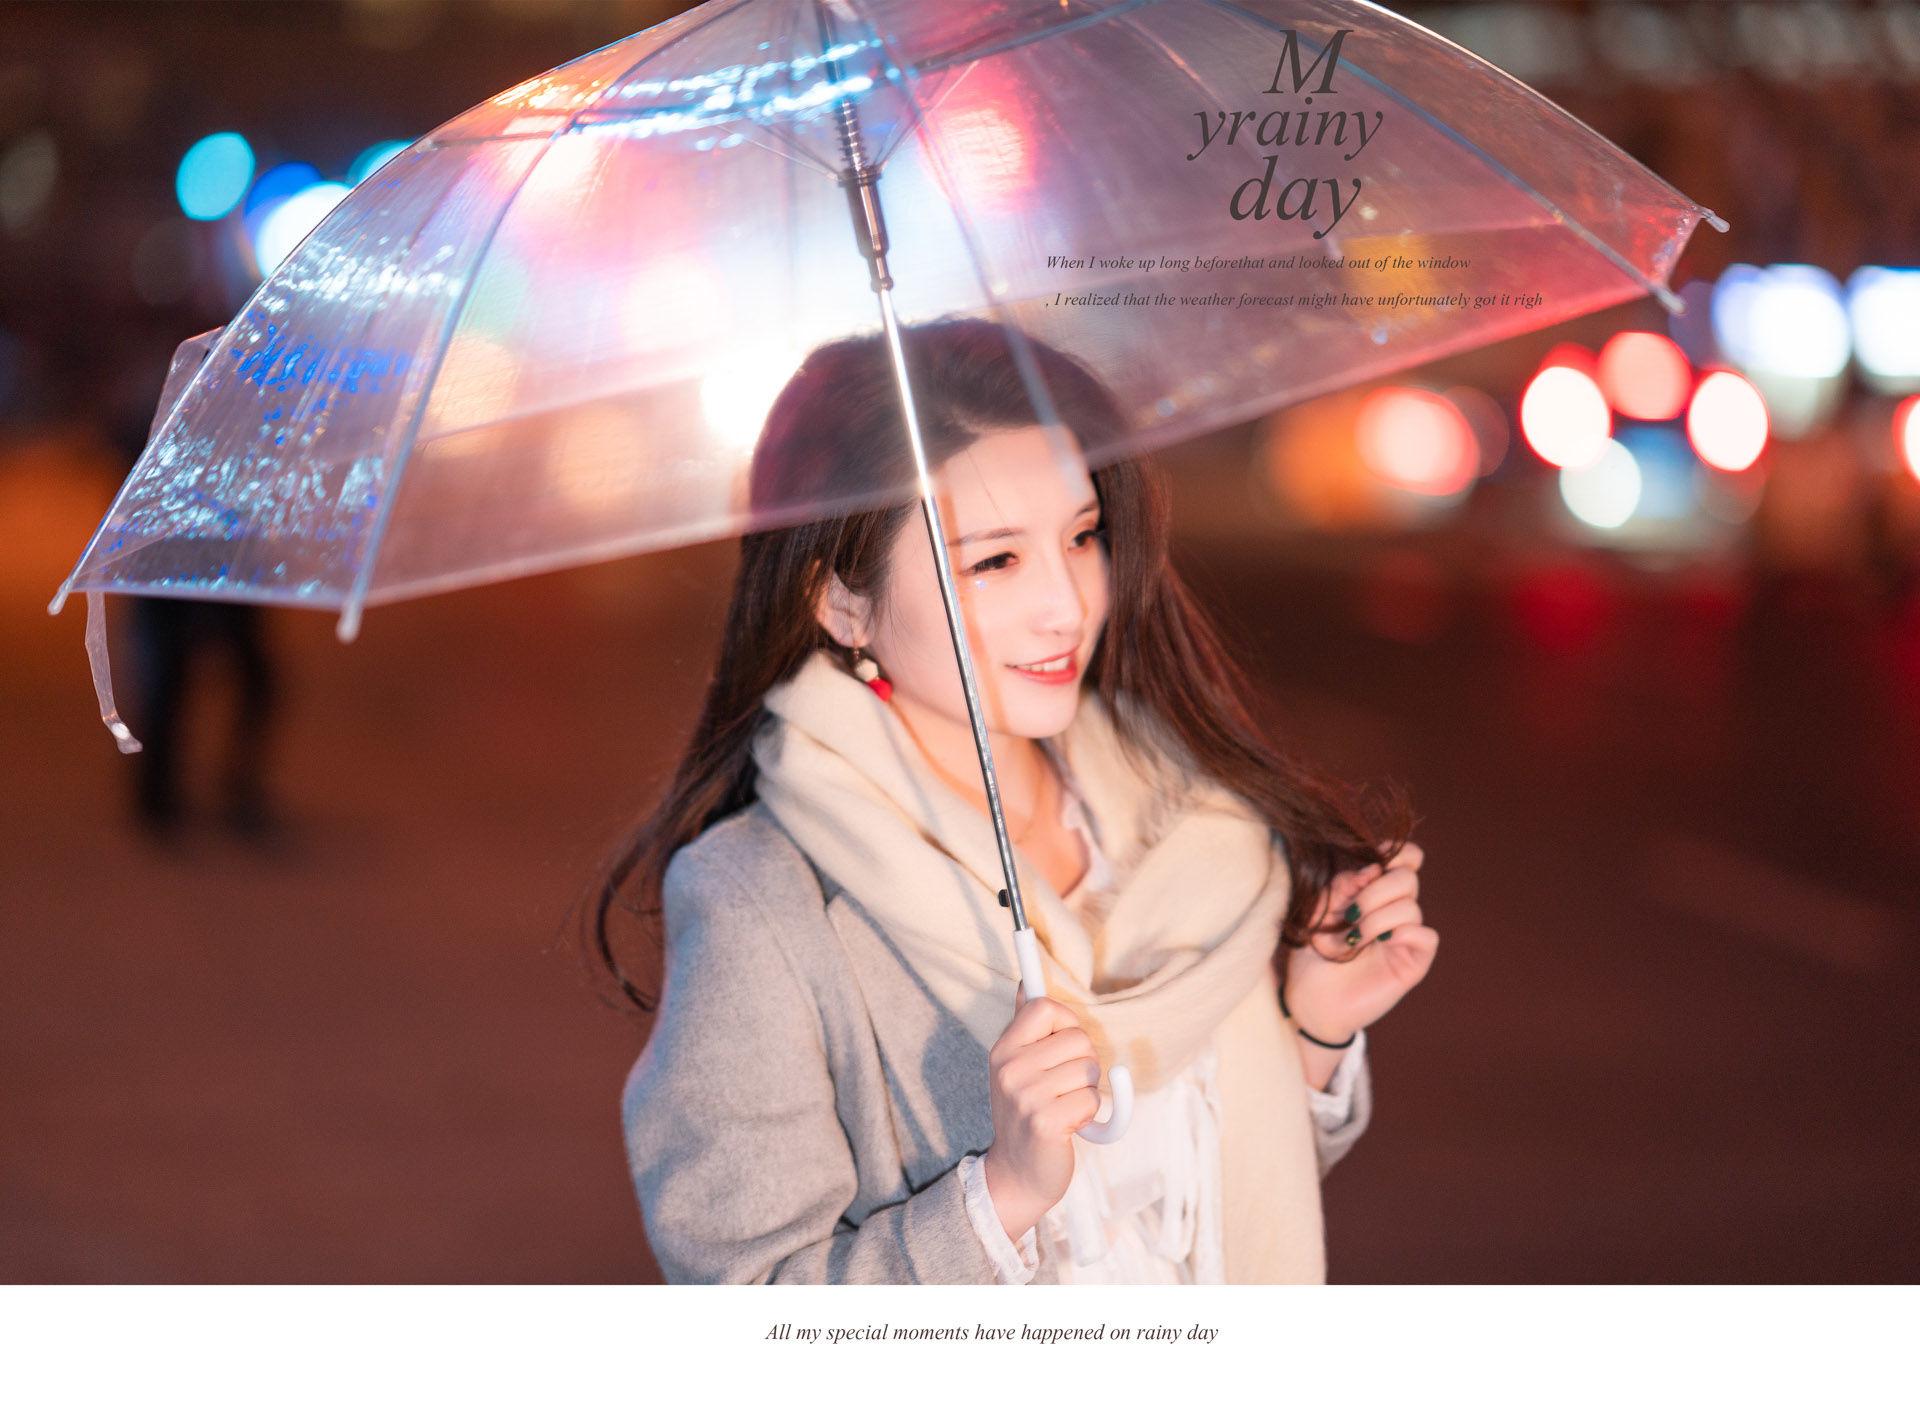 2019-04-03 森系甜美复古连衣裙 静安雕塑公园 夜景樱花_摄影师蒋俞欢的返片